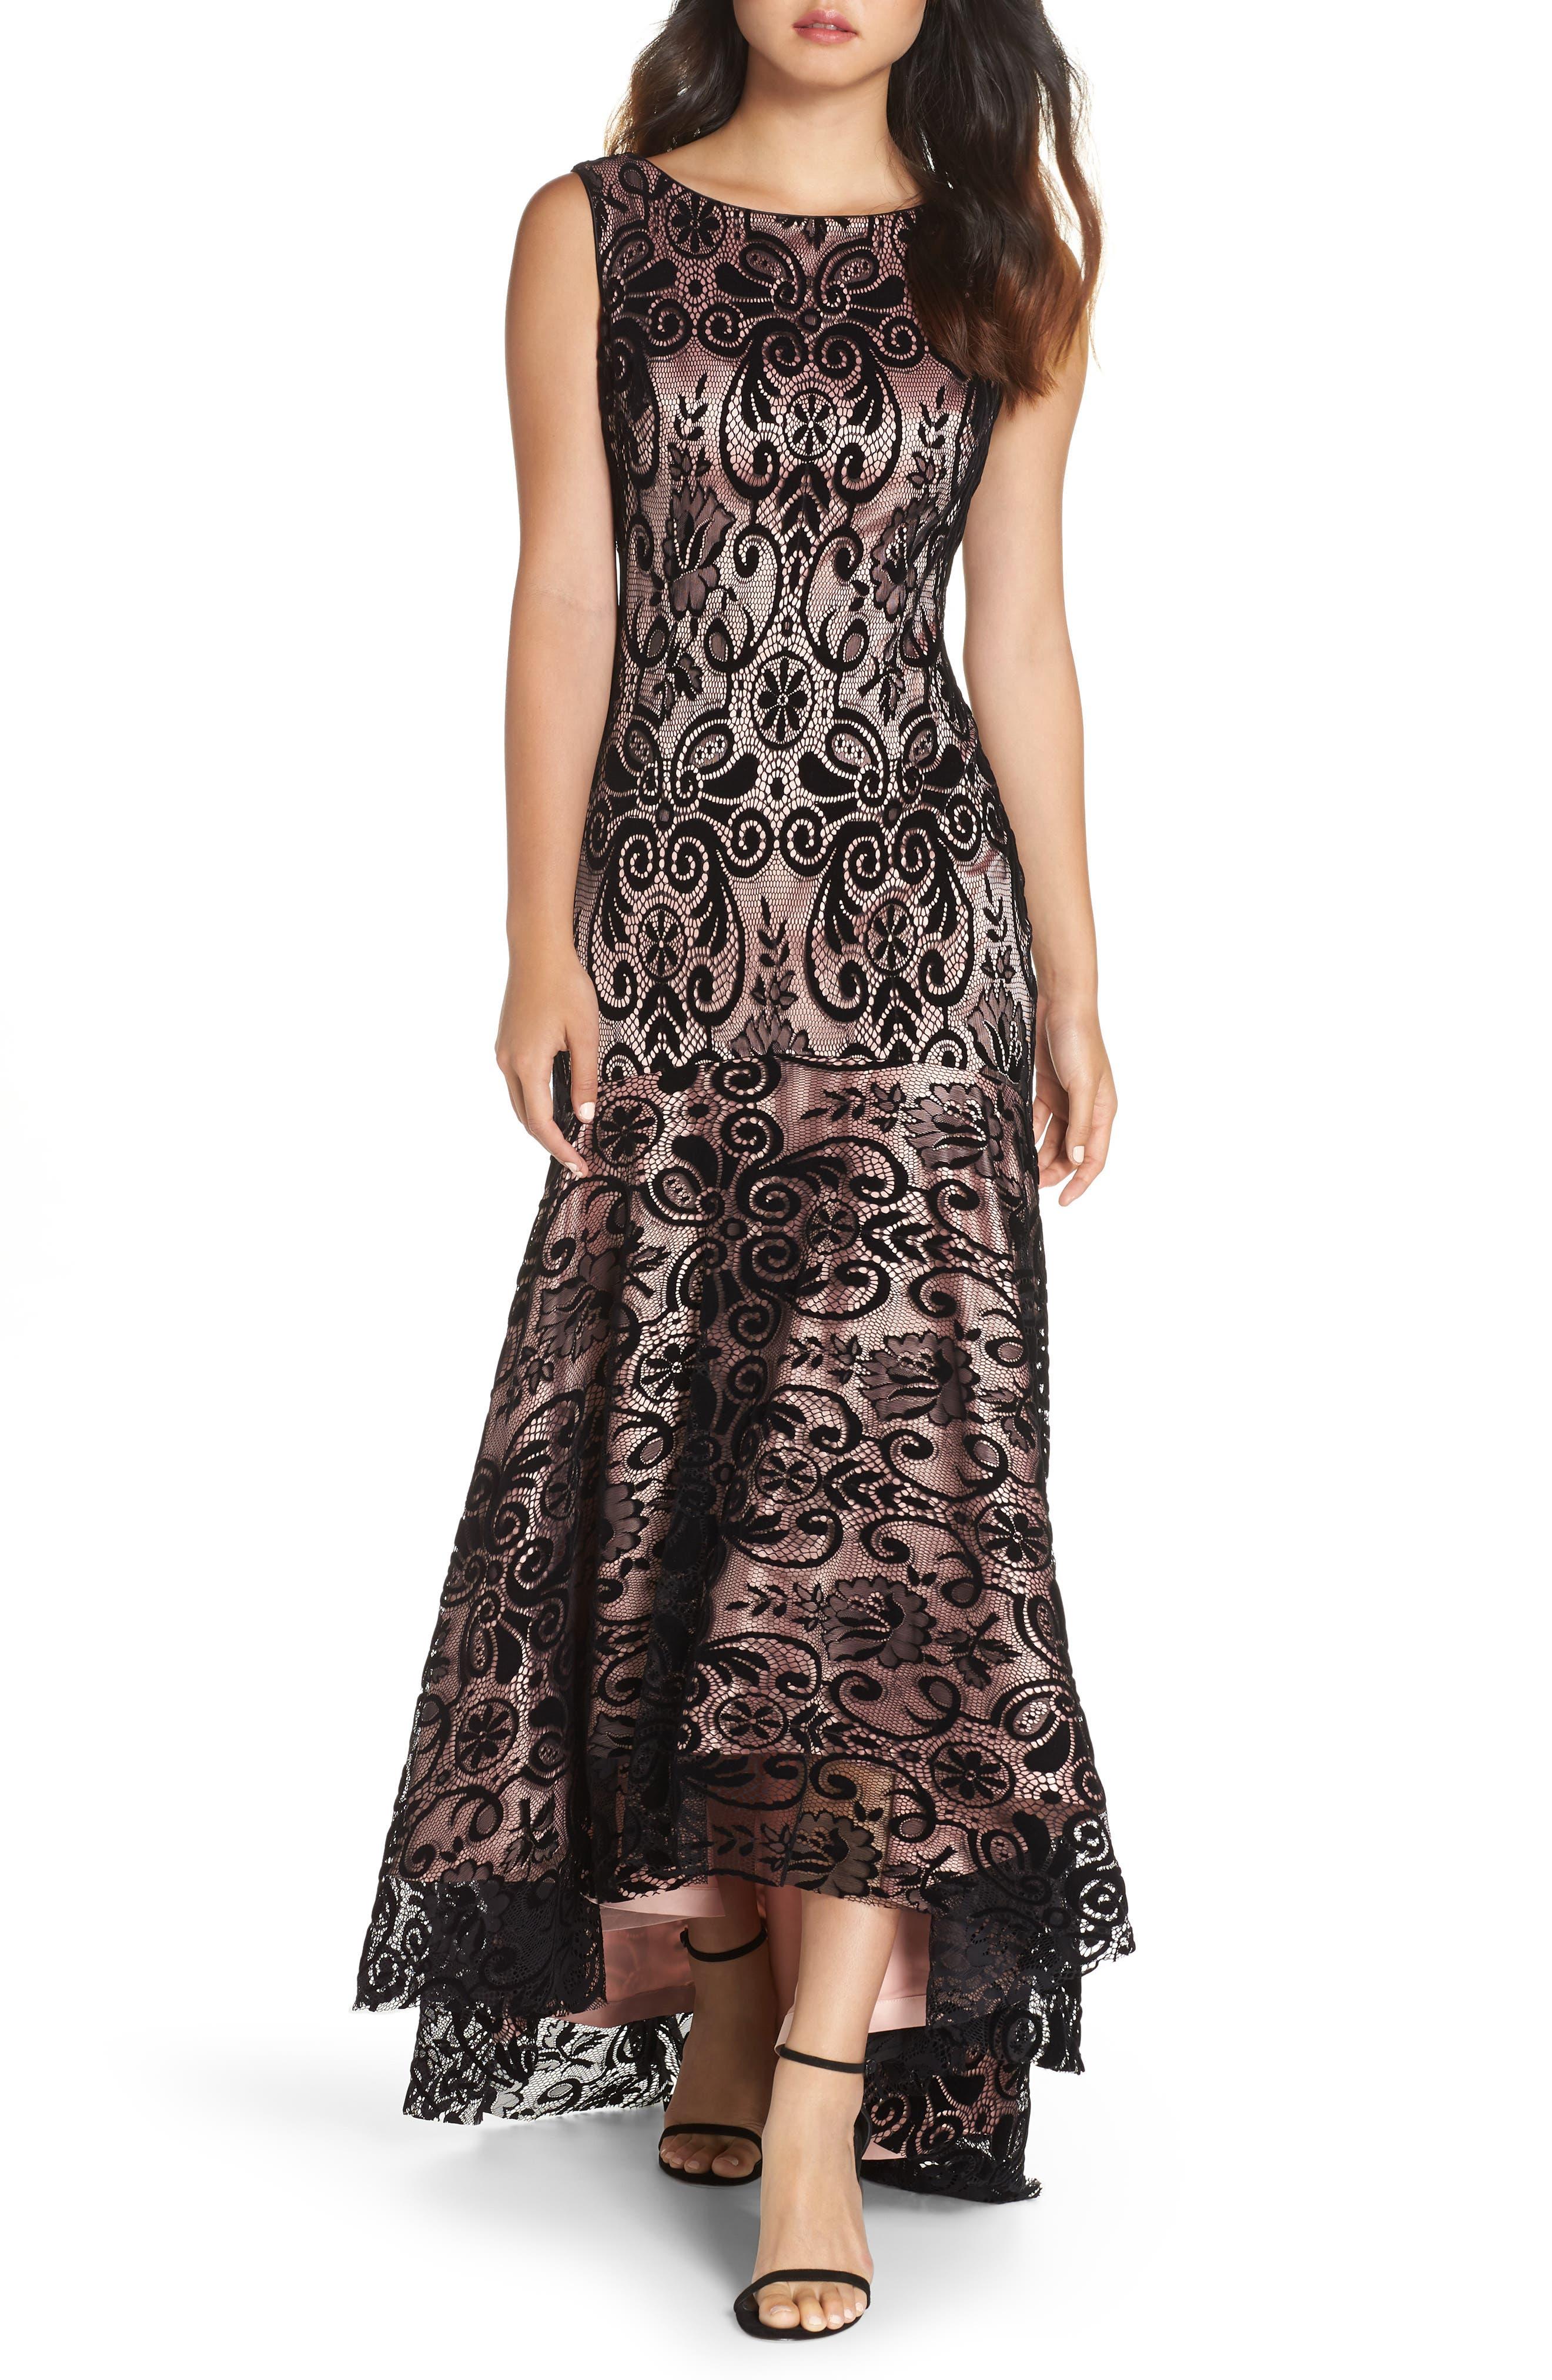 Lace Black Long Dresses